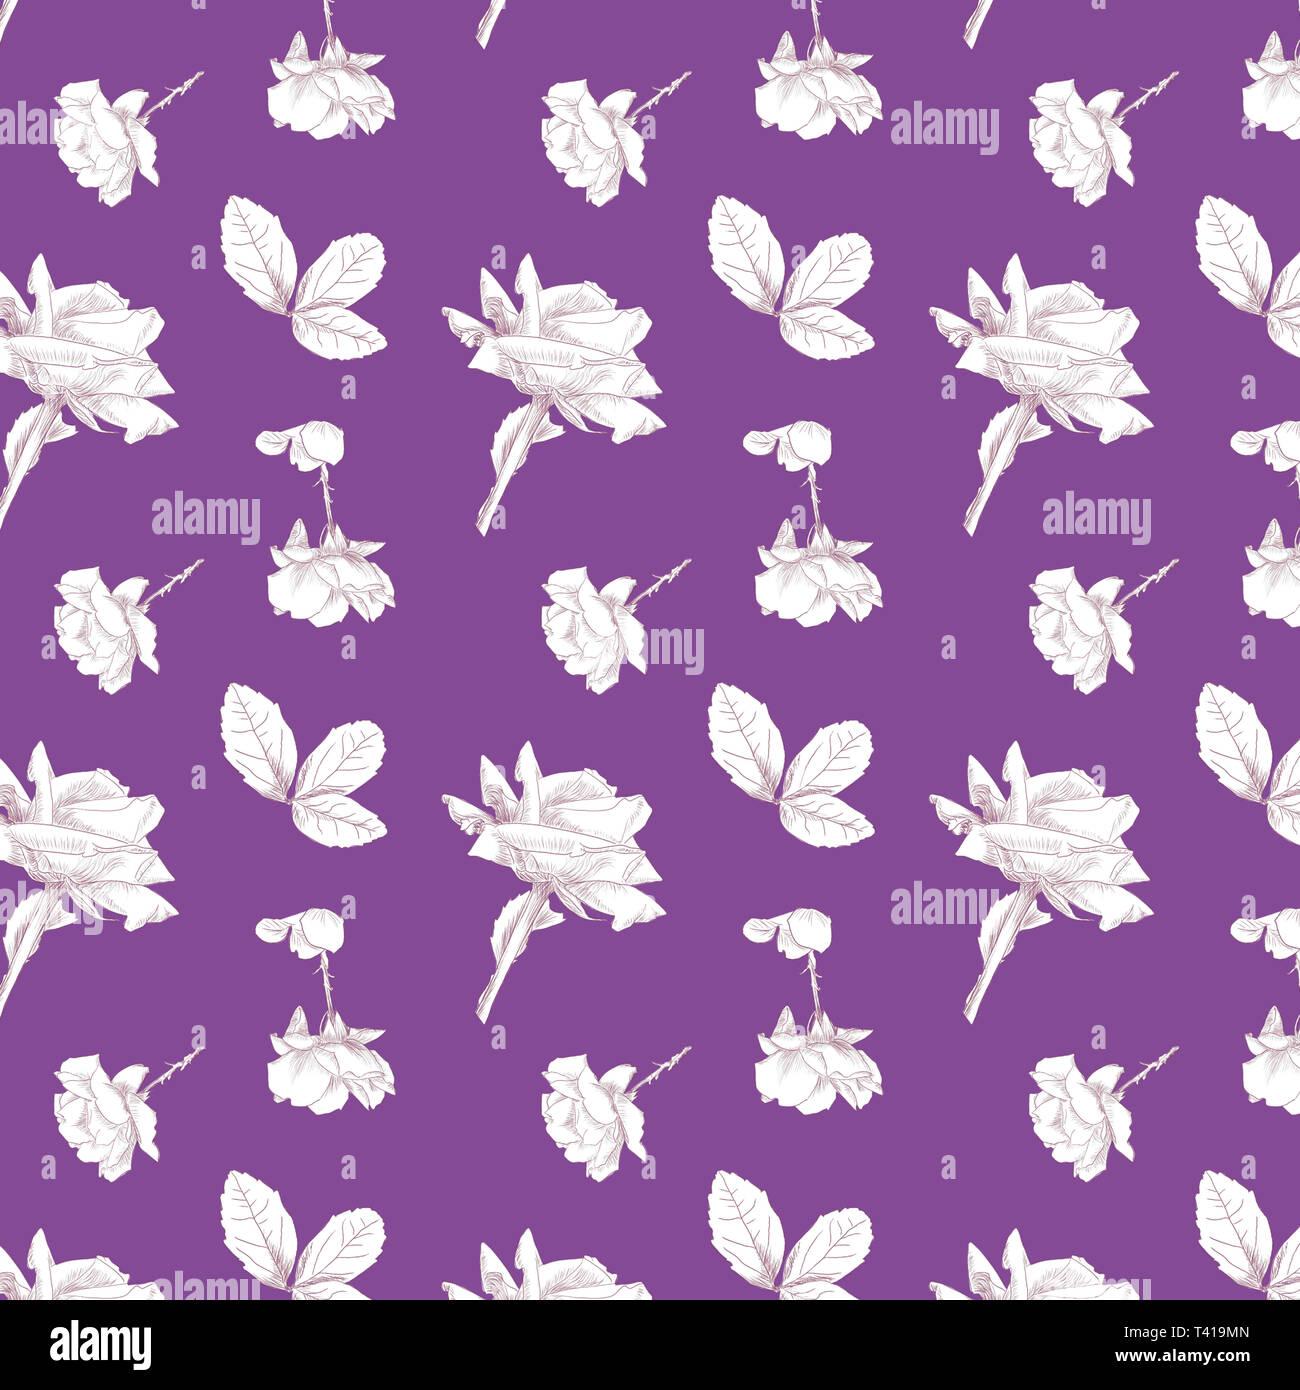 Muster der Hand Rosen in Weiß mit einem farbigen Hintergrund berry_1500 x 1500 wiederholen__ durch jziprian gezeichnet Stockbild